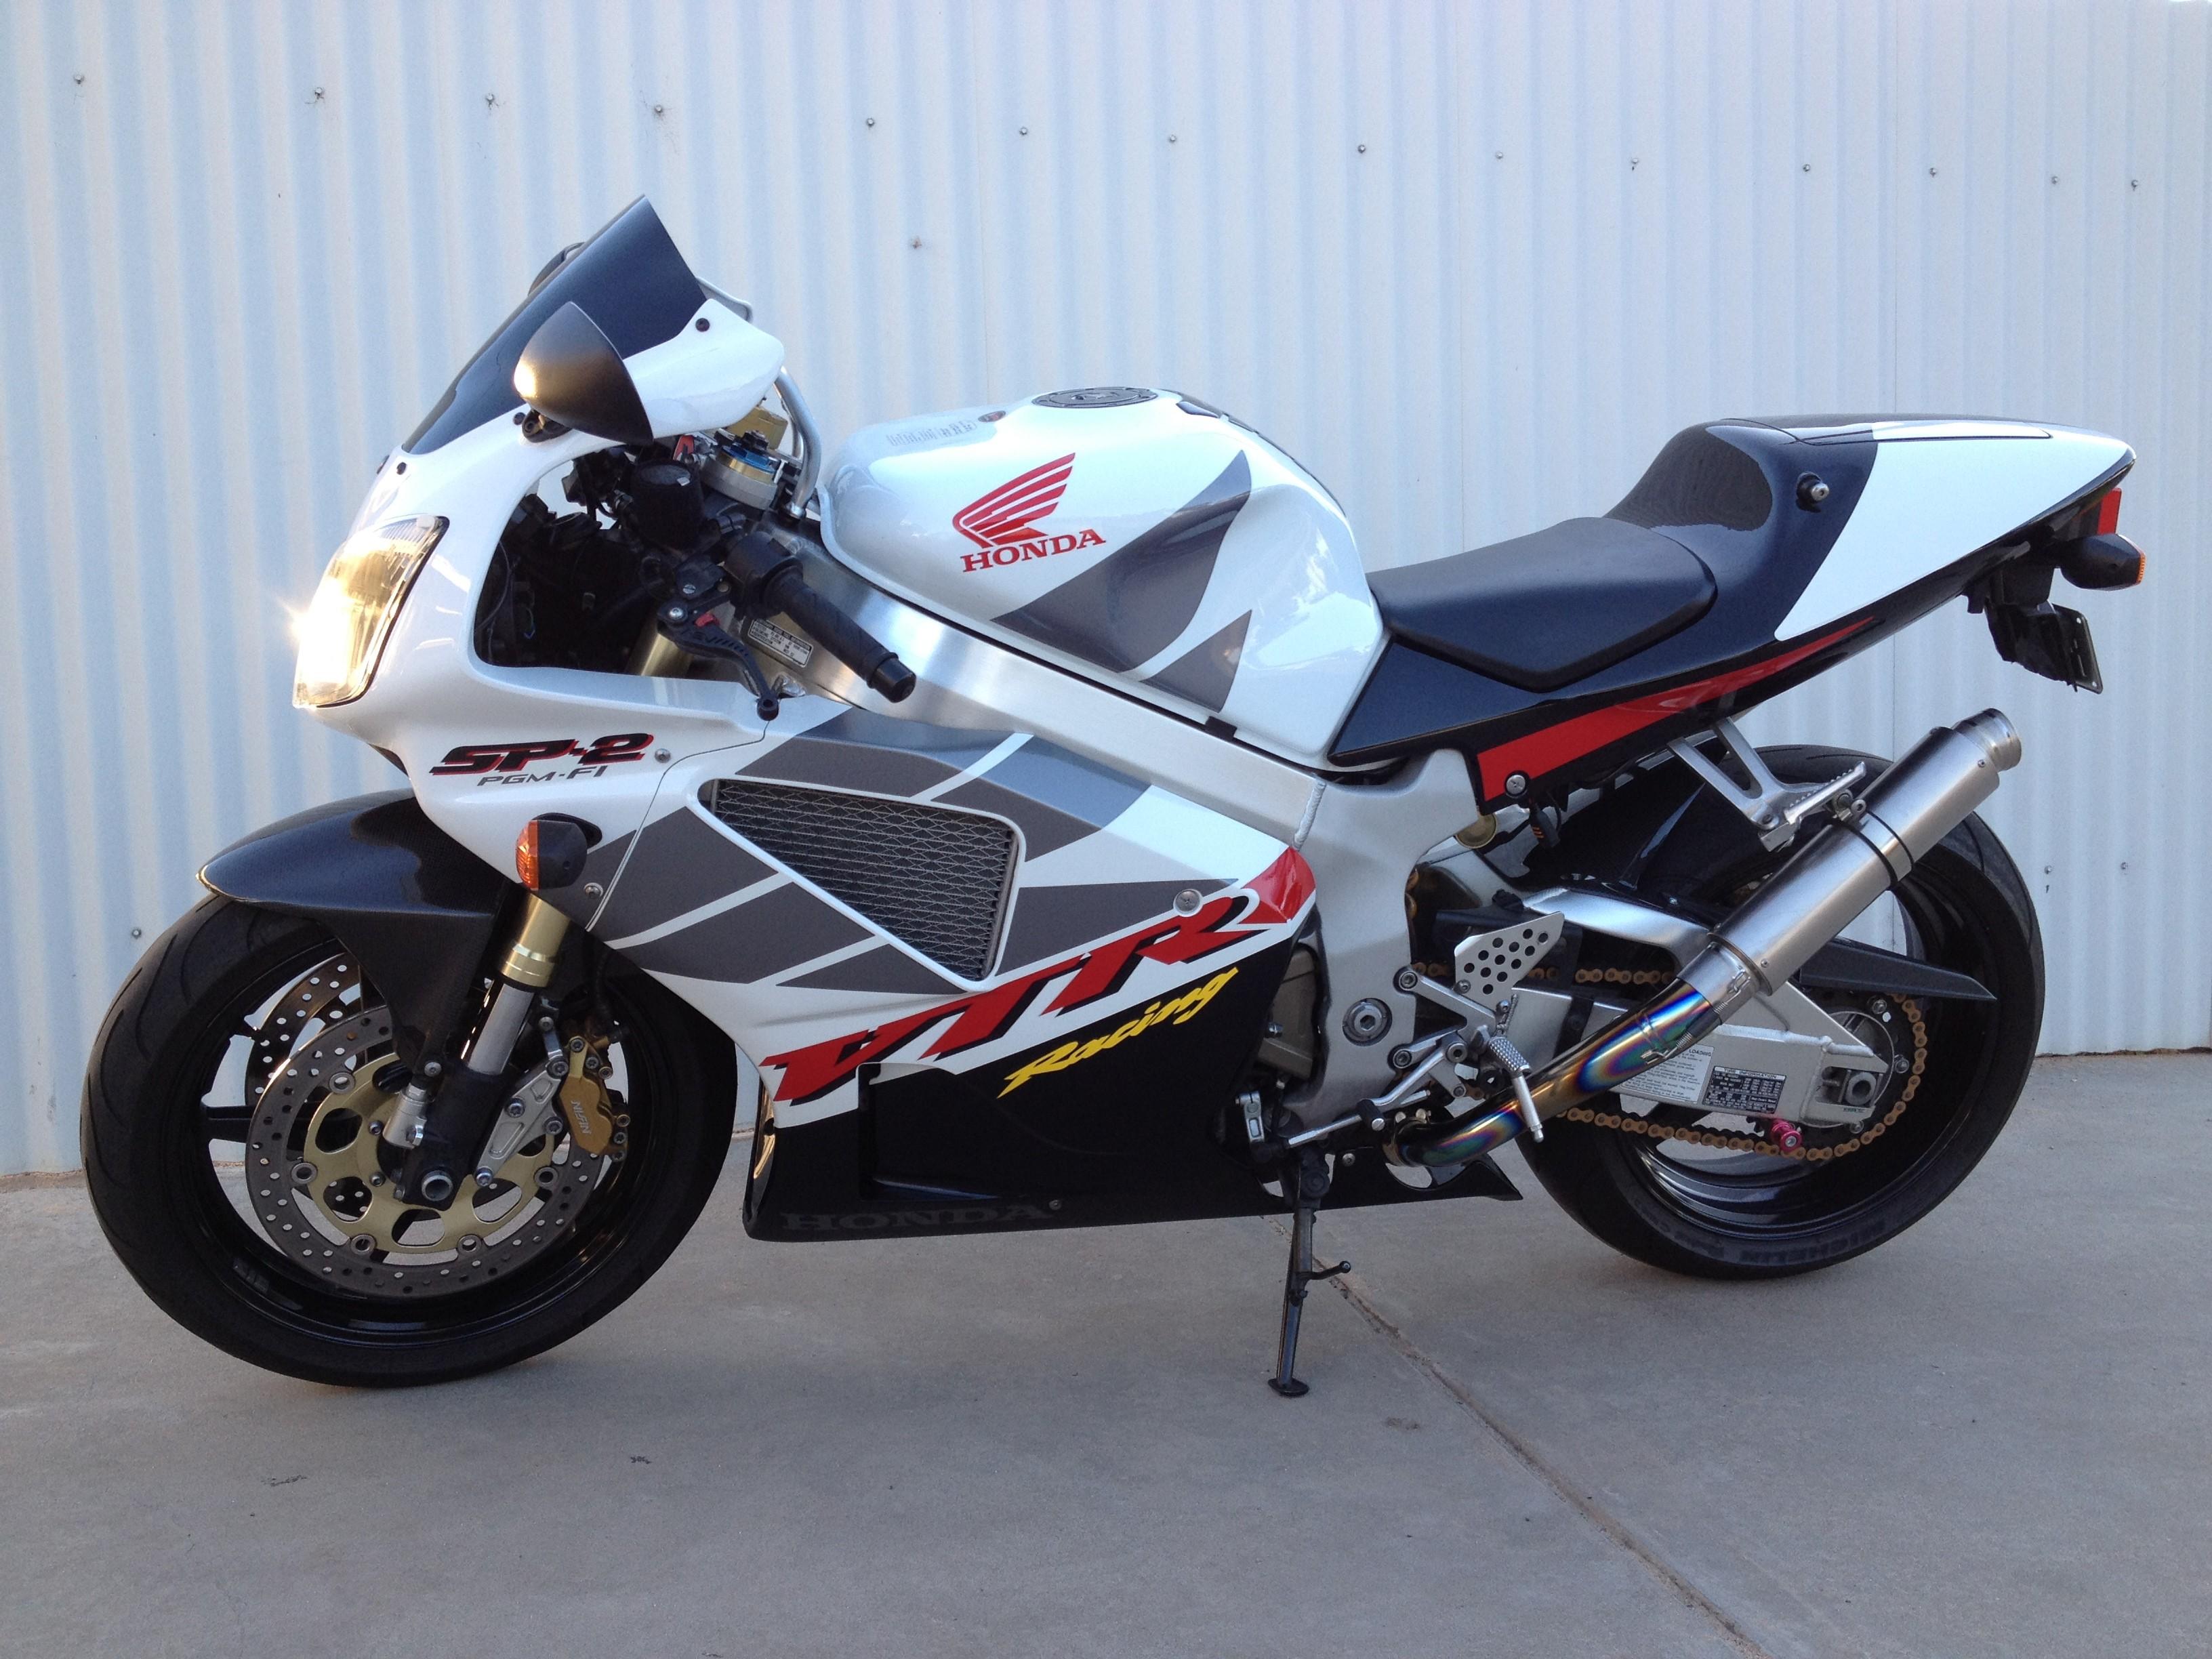 Vtr 1000 Parts Honda Vtr 1000 Sp2 2002 Fly